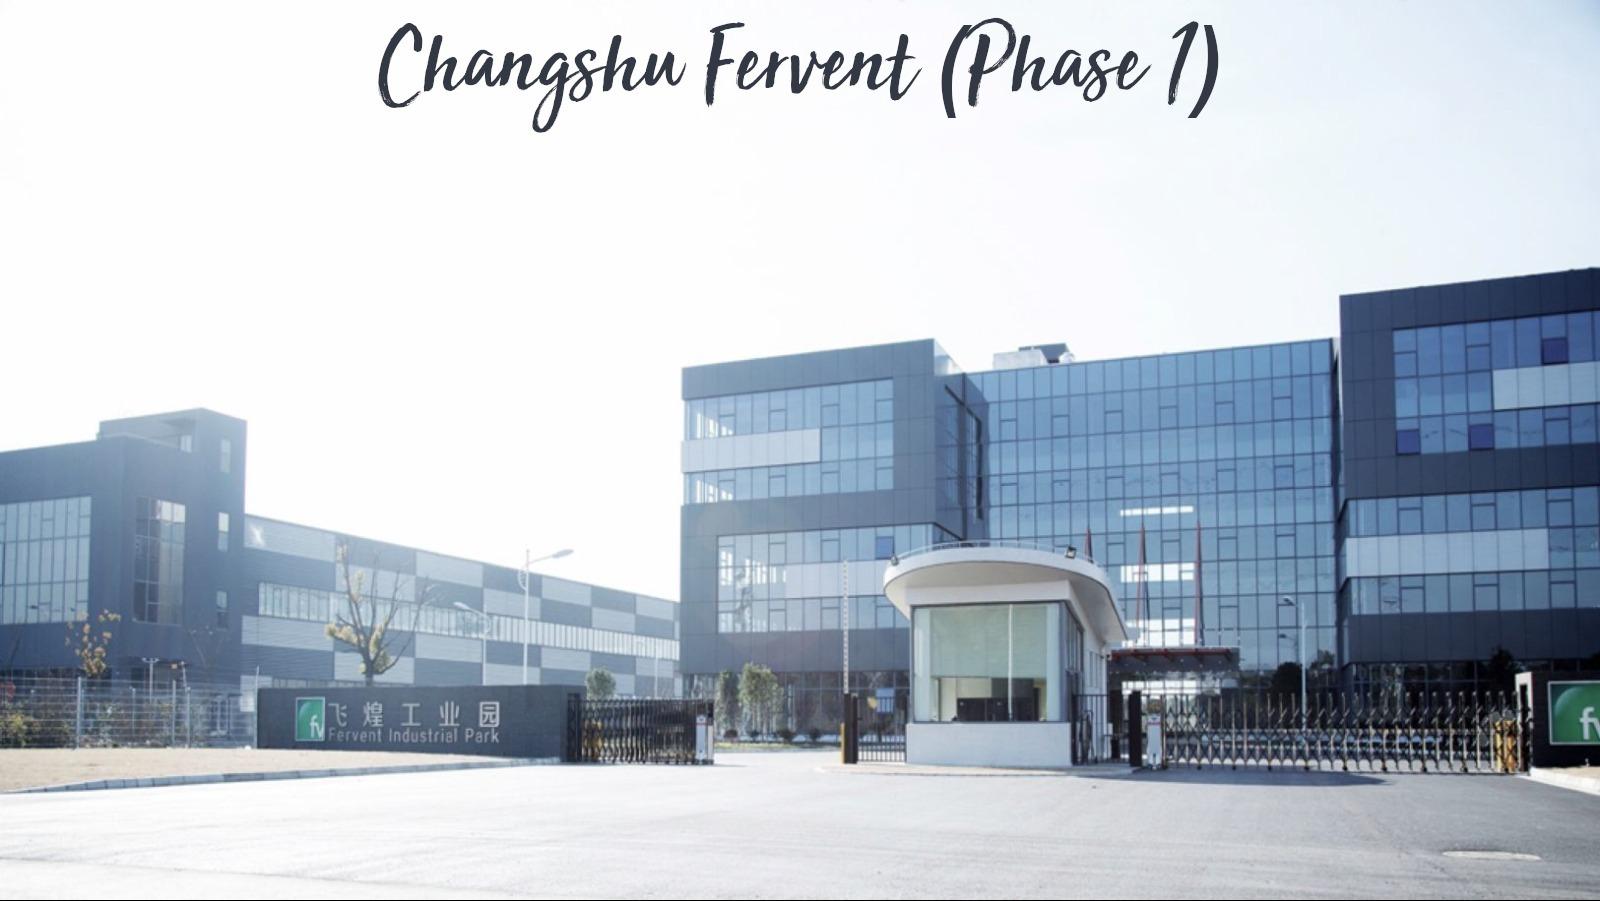 飞煌工业设施发展(苏州)有限公司 –  第一阶段